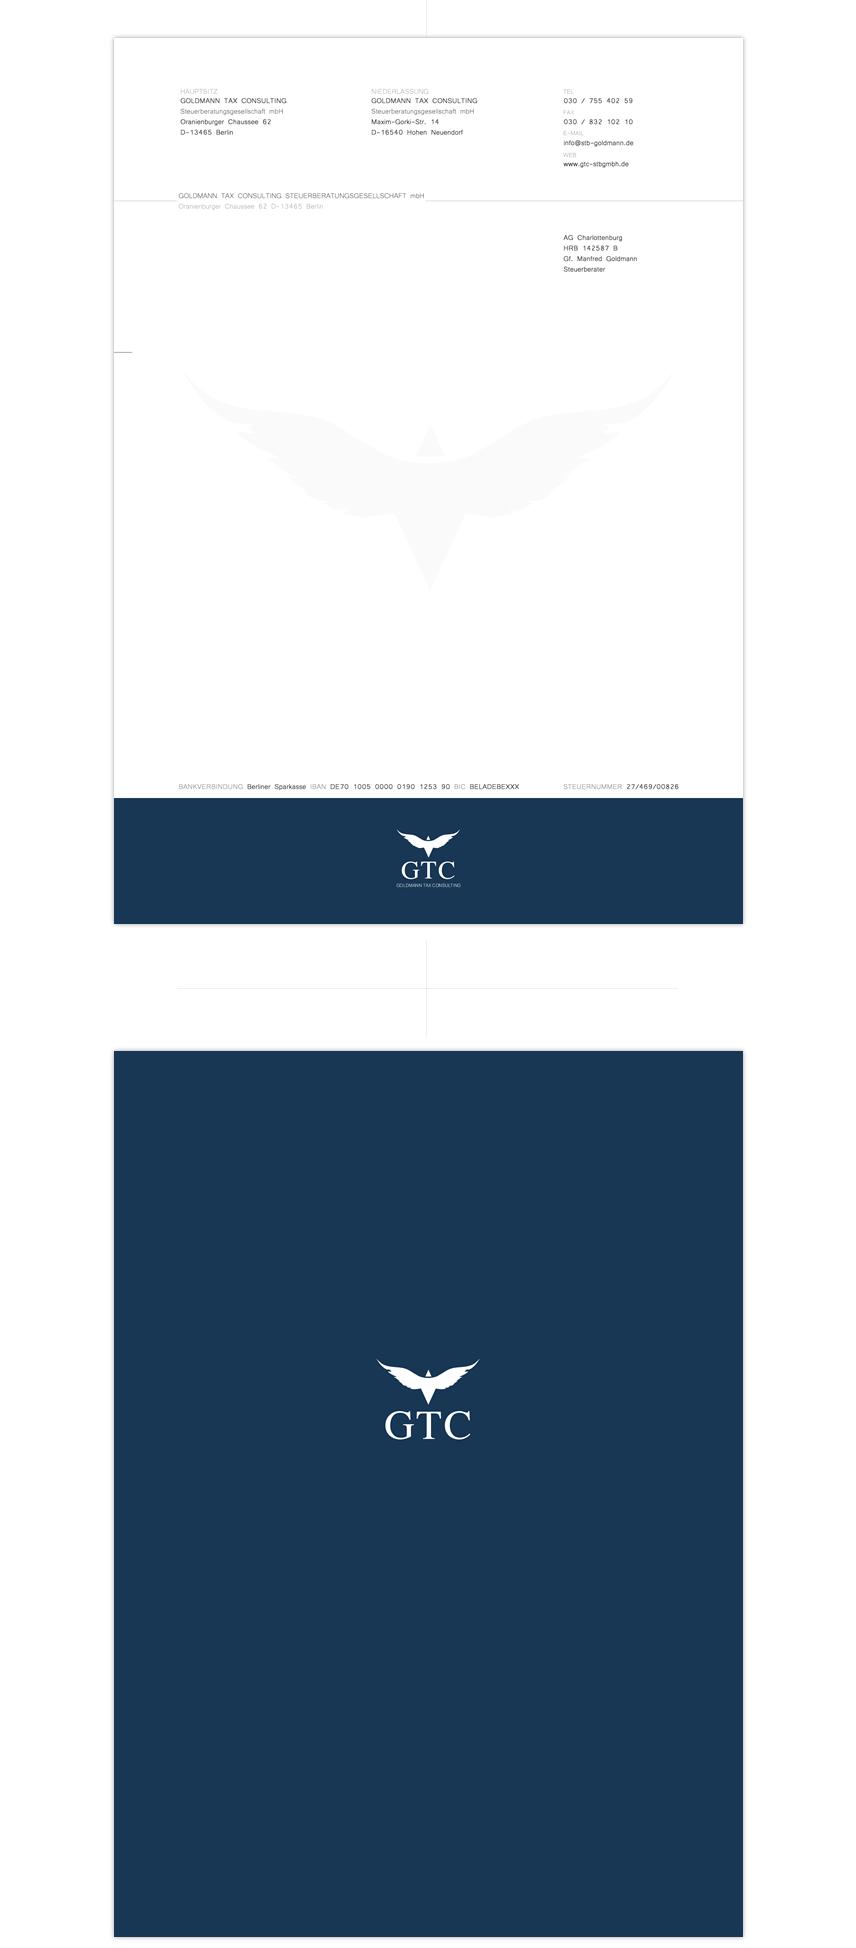 Rechnungspapier / invoice layout